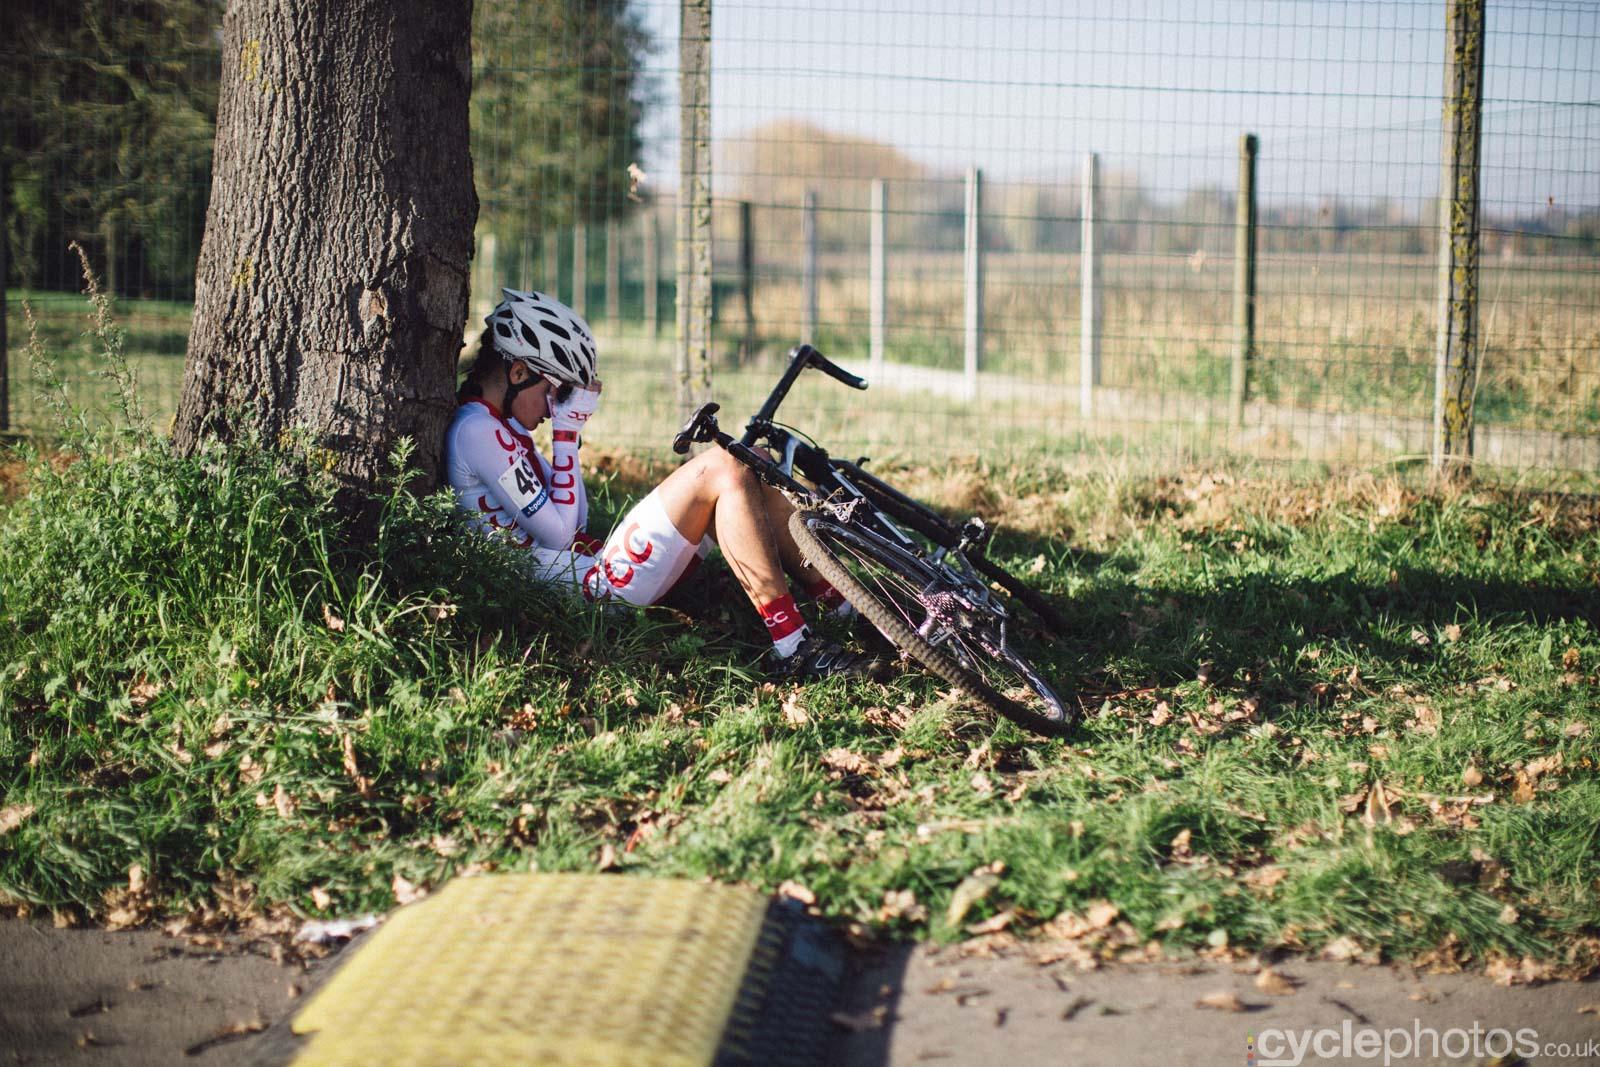 2015-cyclephotos-cyclocross-koppenberg-154013-gabriela-wojtyla